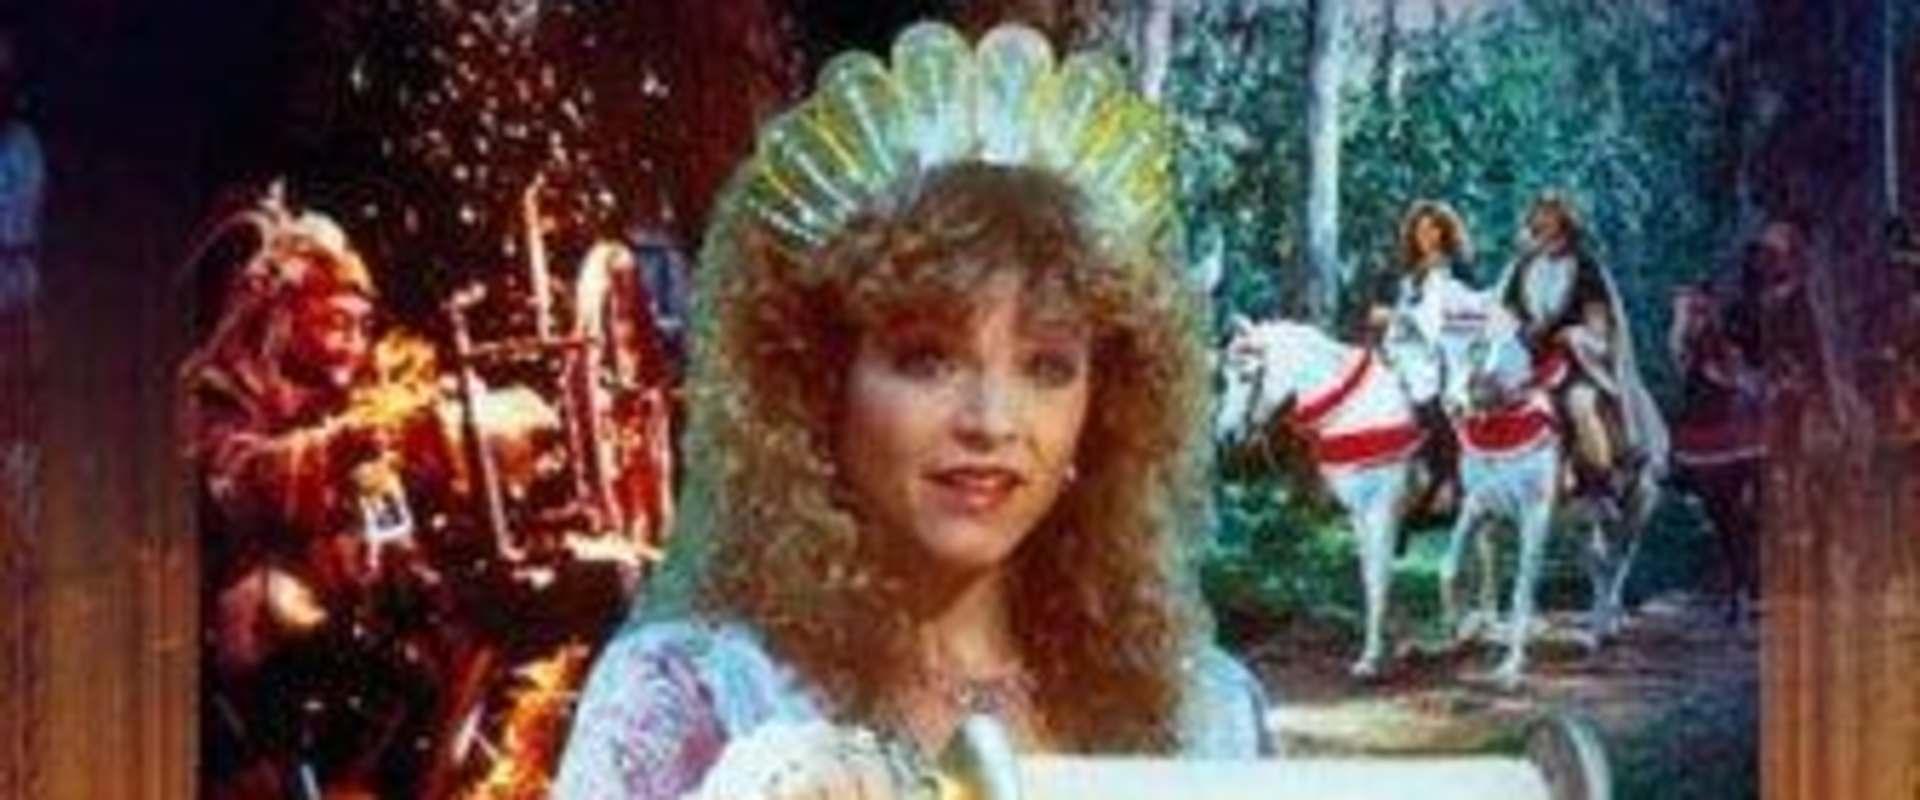 Rumpelstiltskin movie 1987